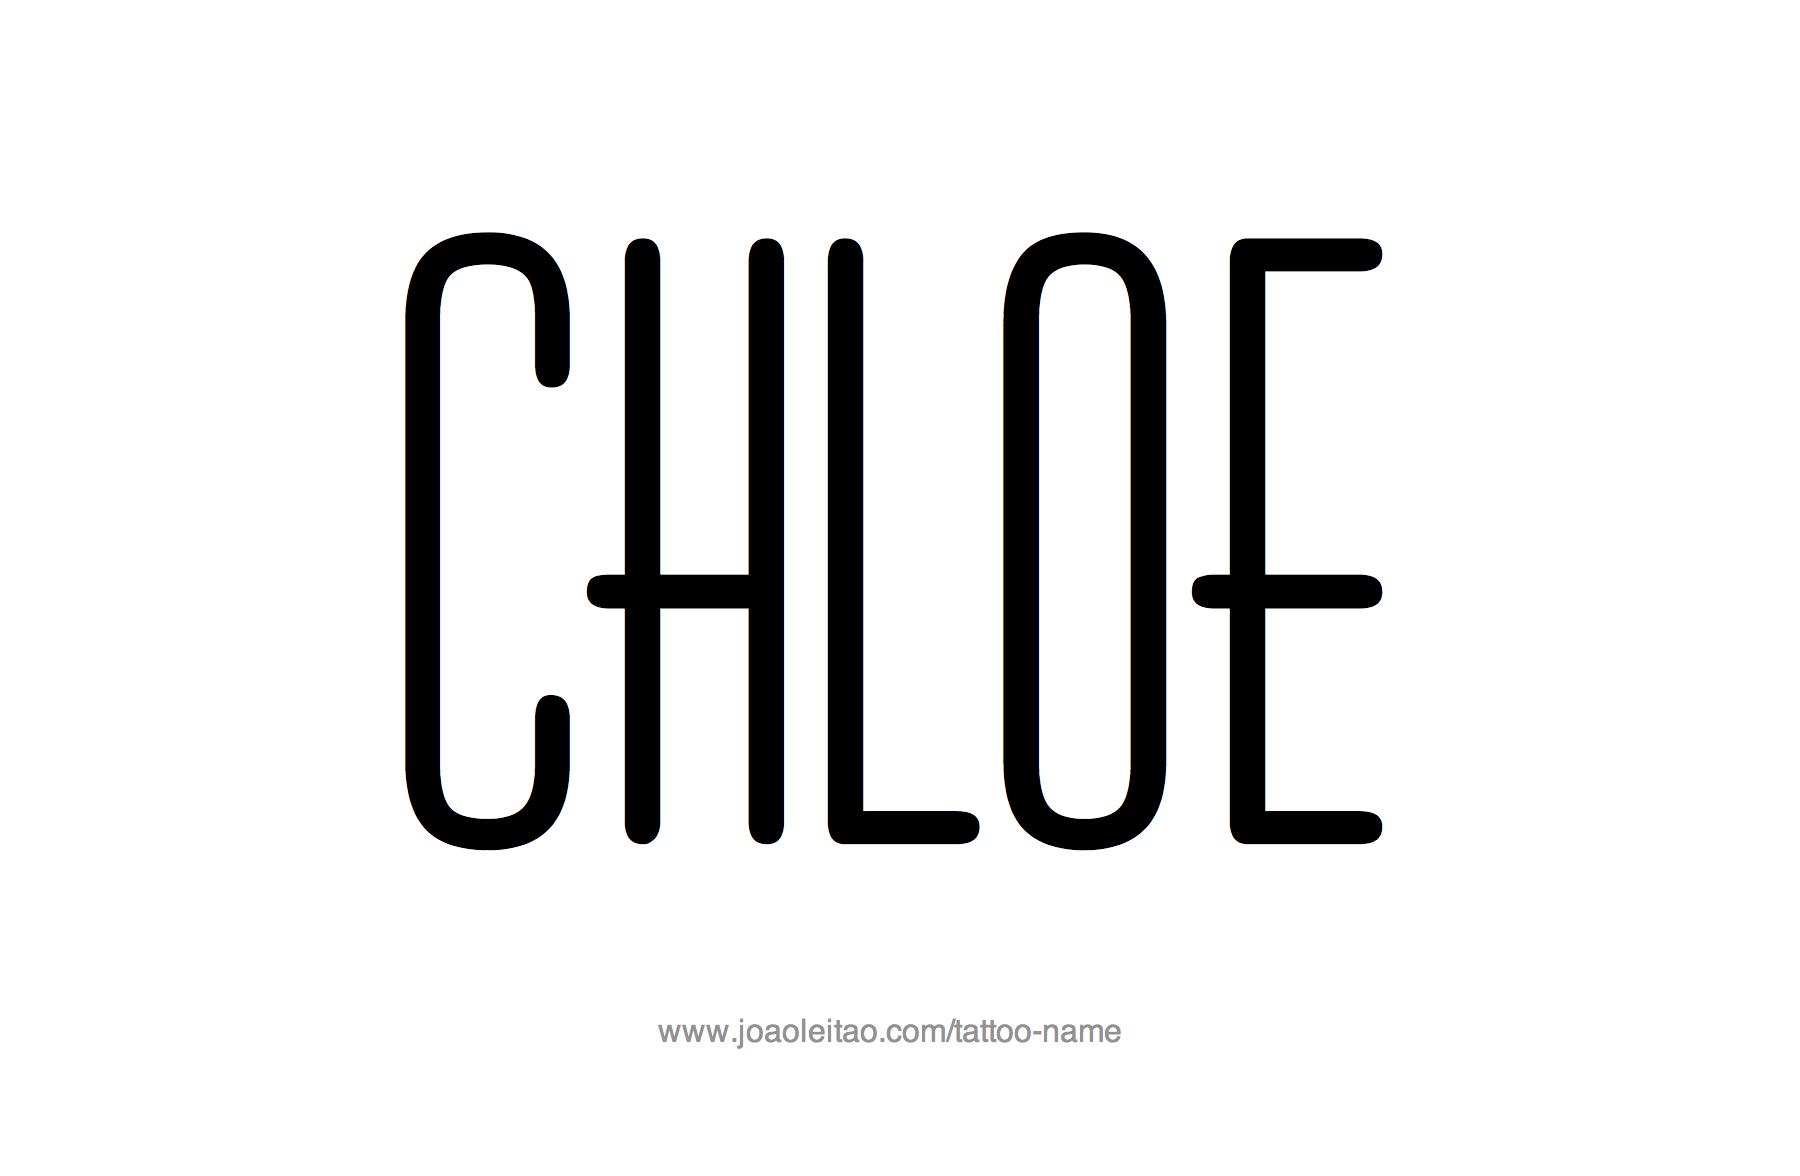 Tattoo Design Name Chloe